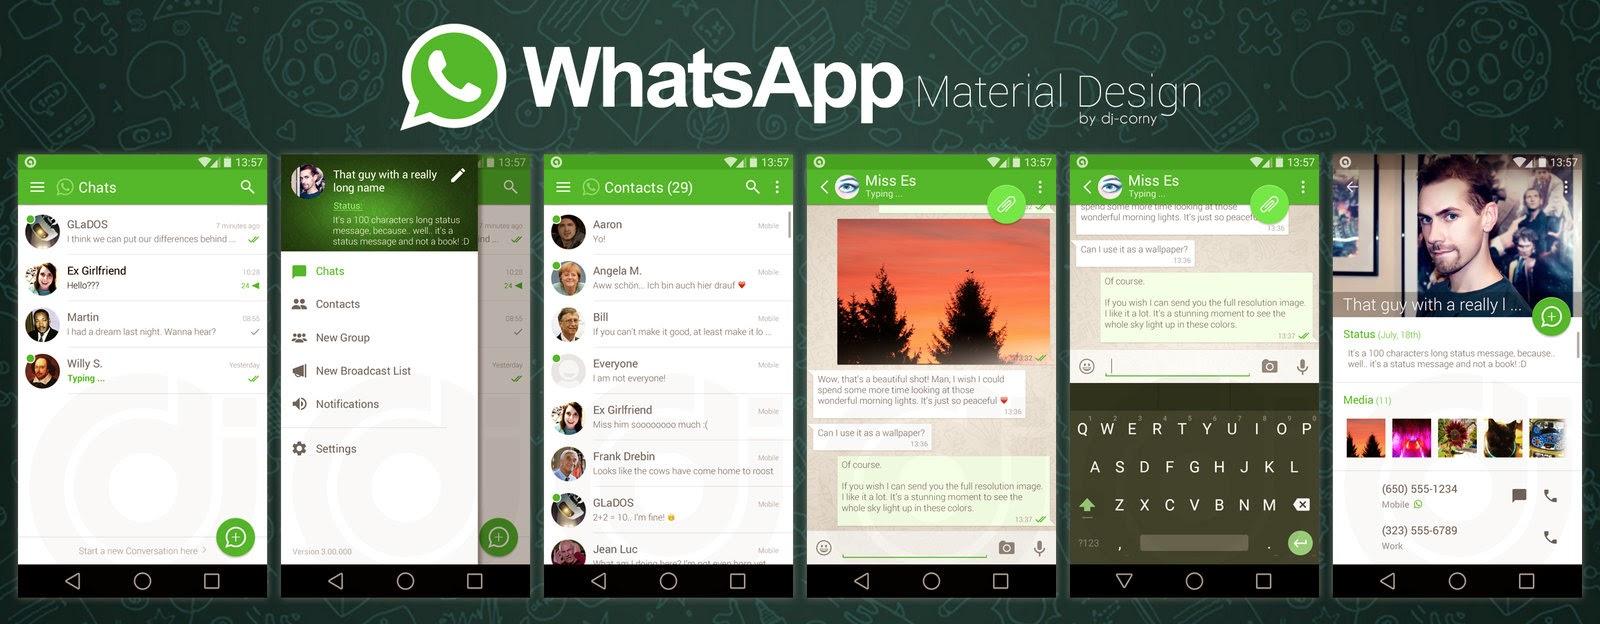 Dê uma nova cara para o seu What'sApp